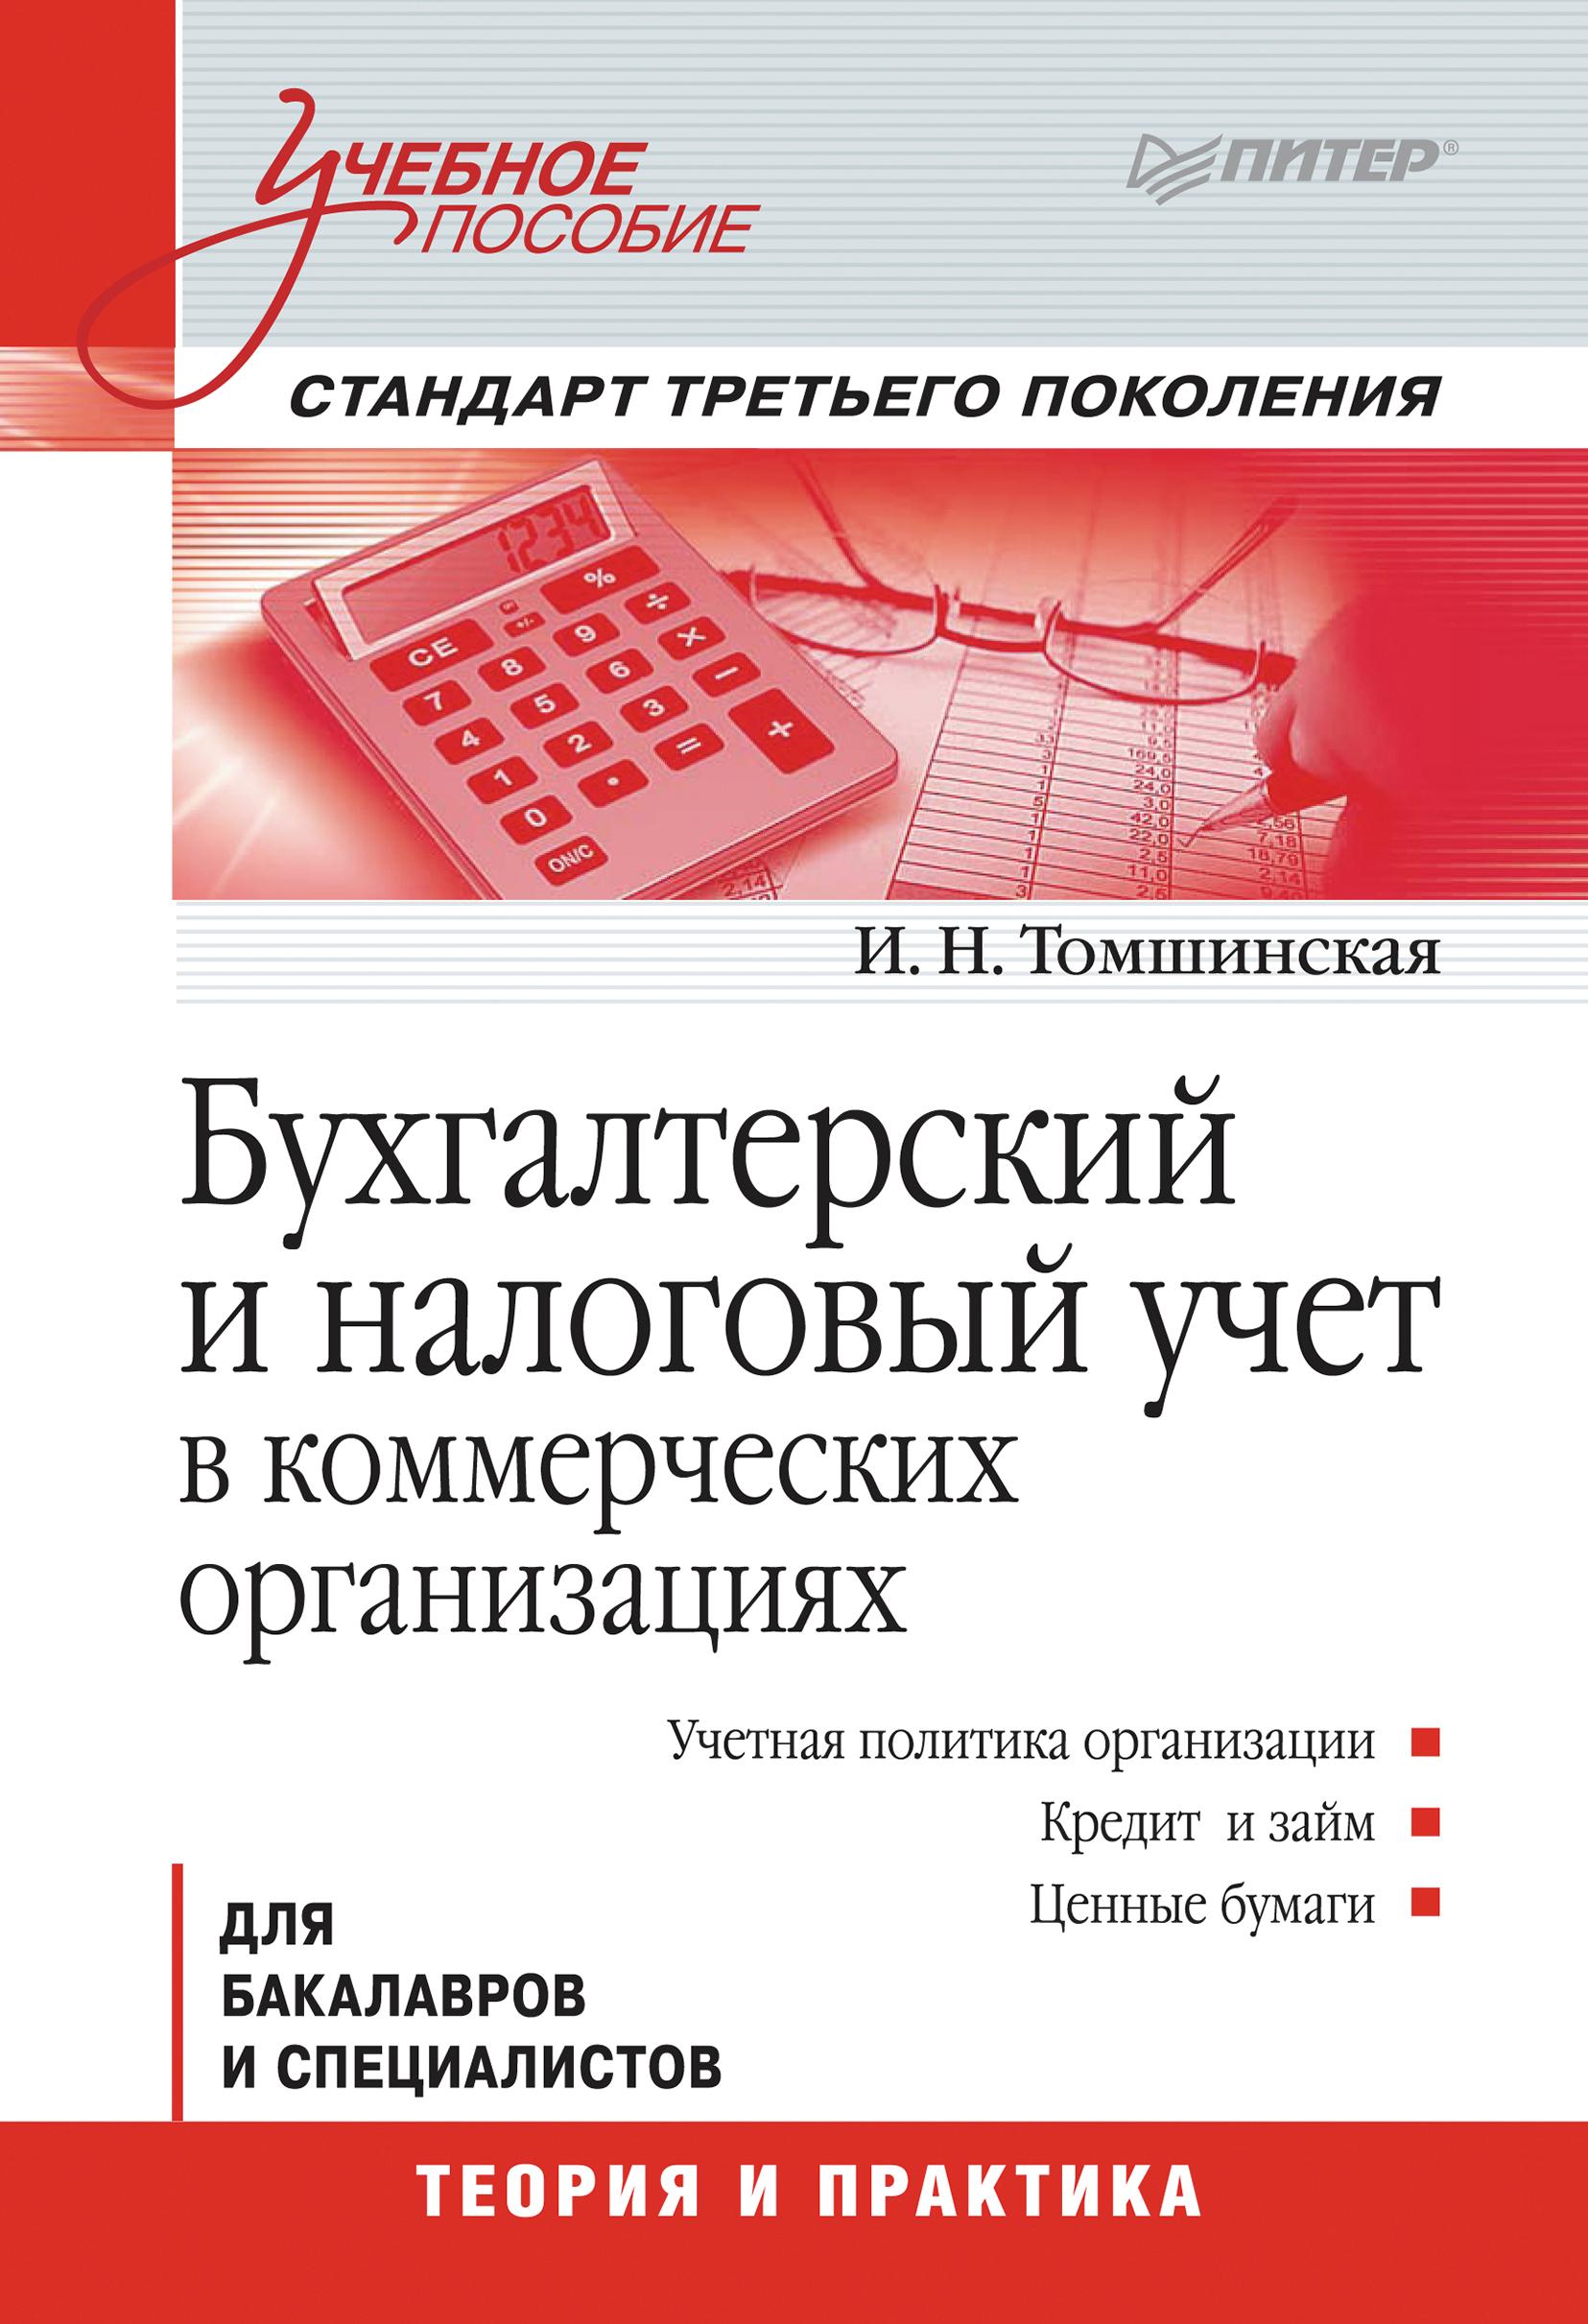 И. Н. Томшинская Бухгалтерский и налоговый учет в коммерческих организациях анна ефремова типичные ошибки бухгалтерского и налогового учета